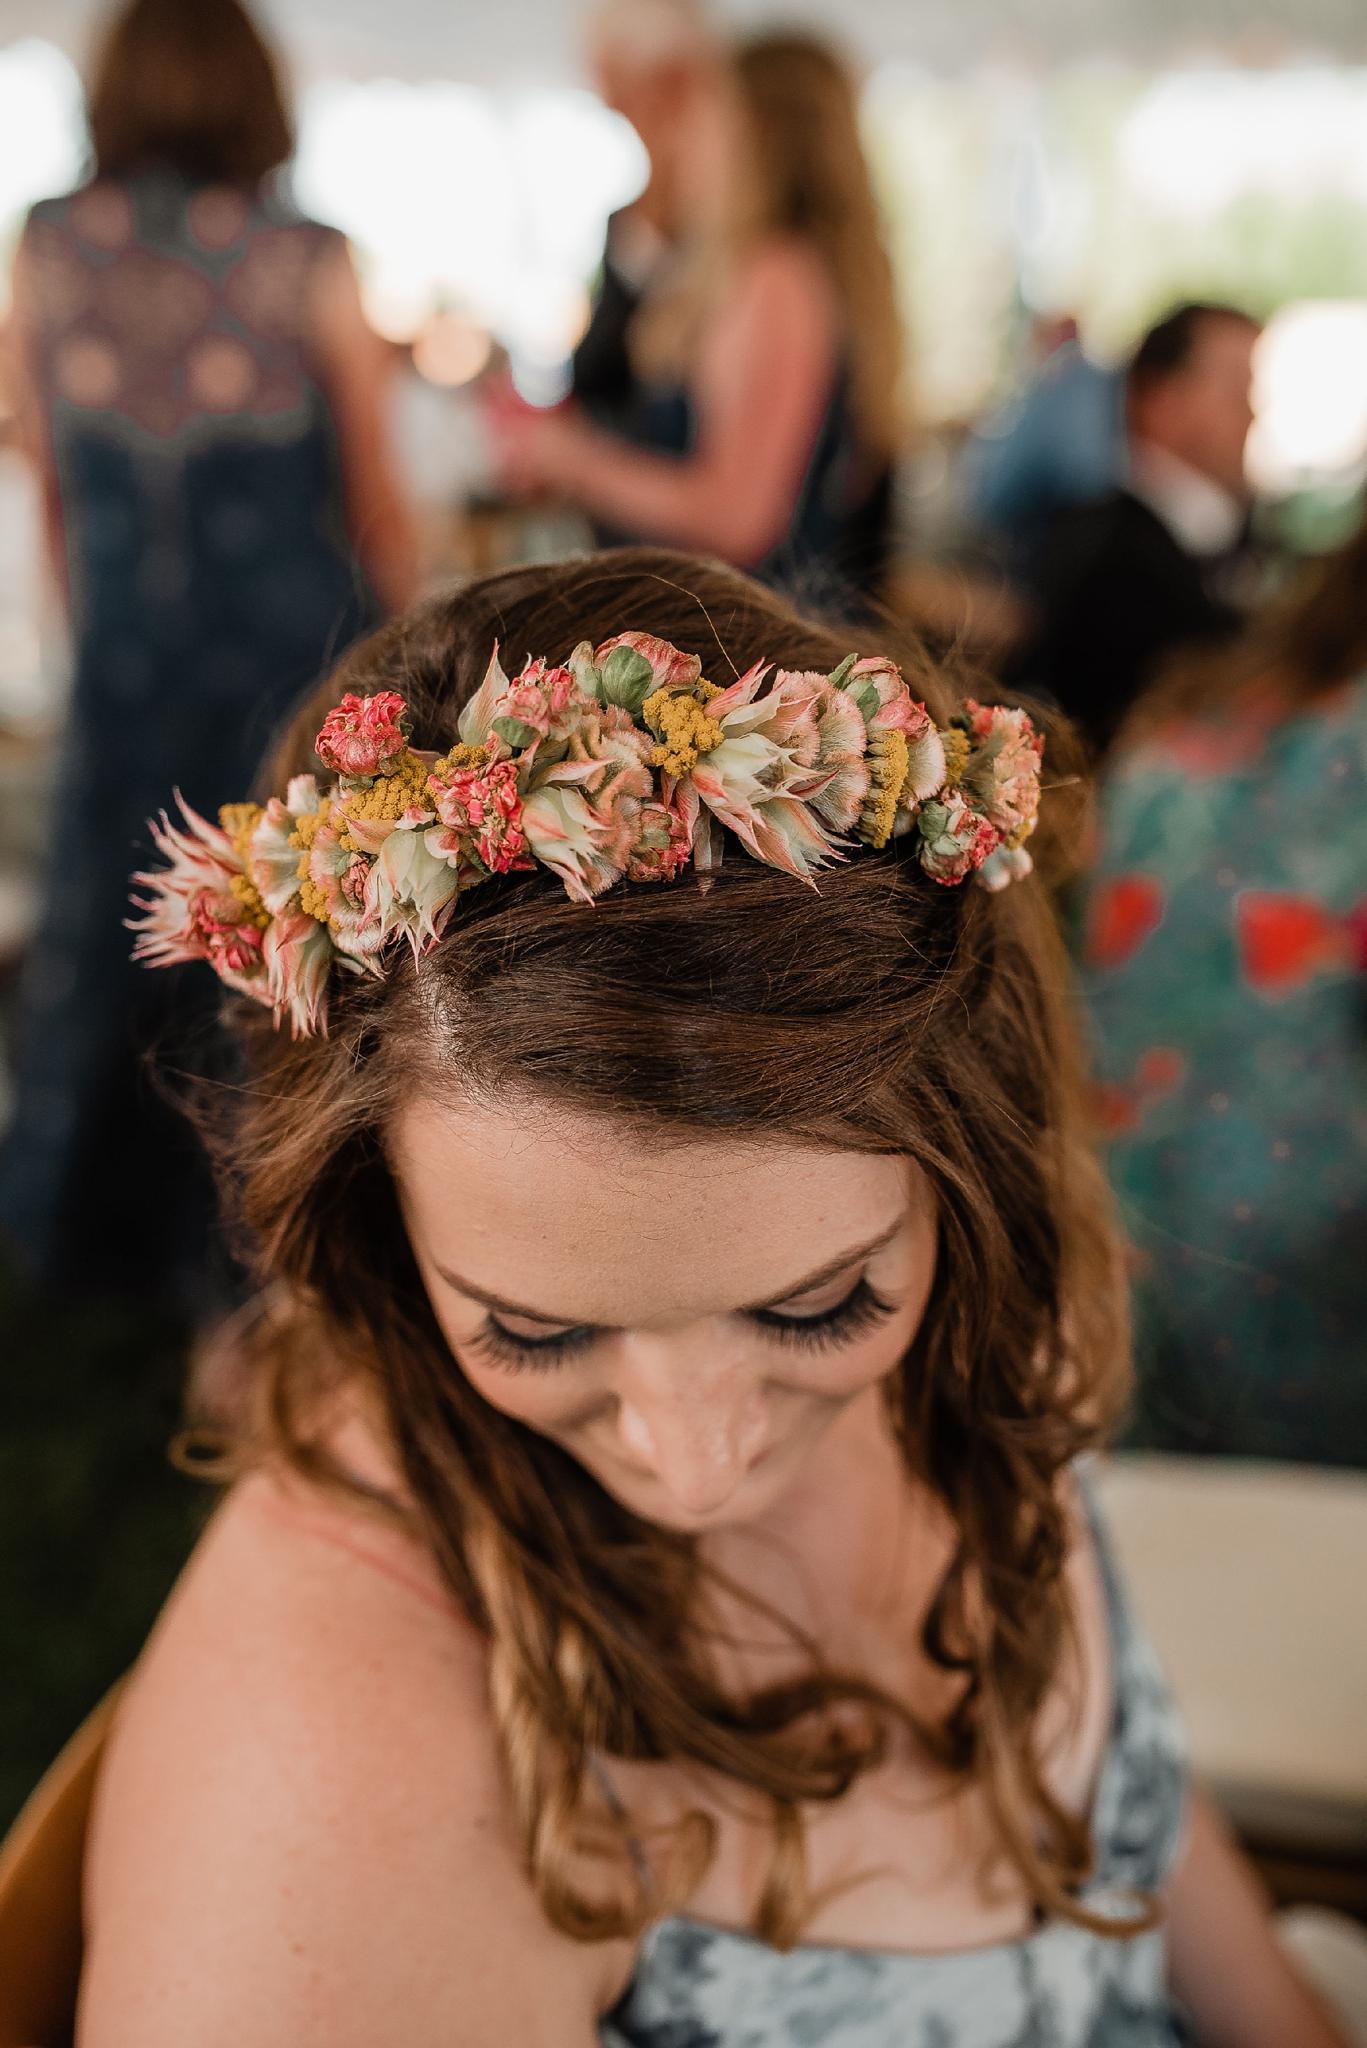 Alicia+lucia+photography+-+albuquerque+wedding+photographer+-+santa+fe+wedding+photography+-+new+mexico+wedding+photographer+-+new+mexico+wedding+-+summer+wedding+-+summer+wedding+florals+-+southwest+wedding_0103.jpg